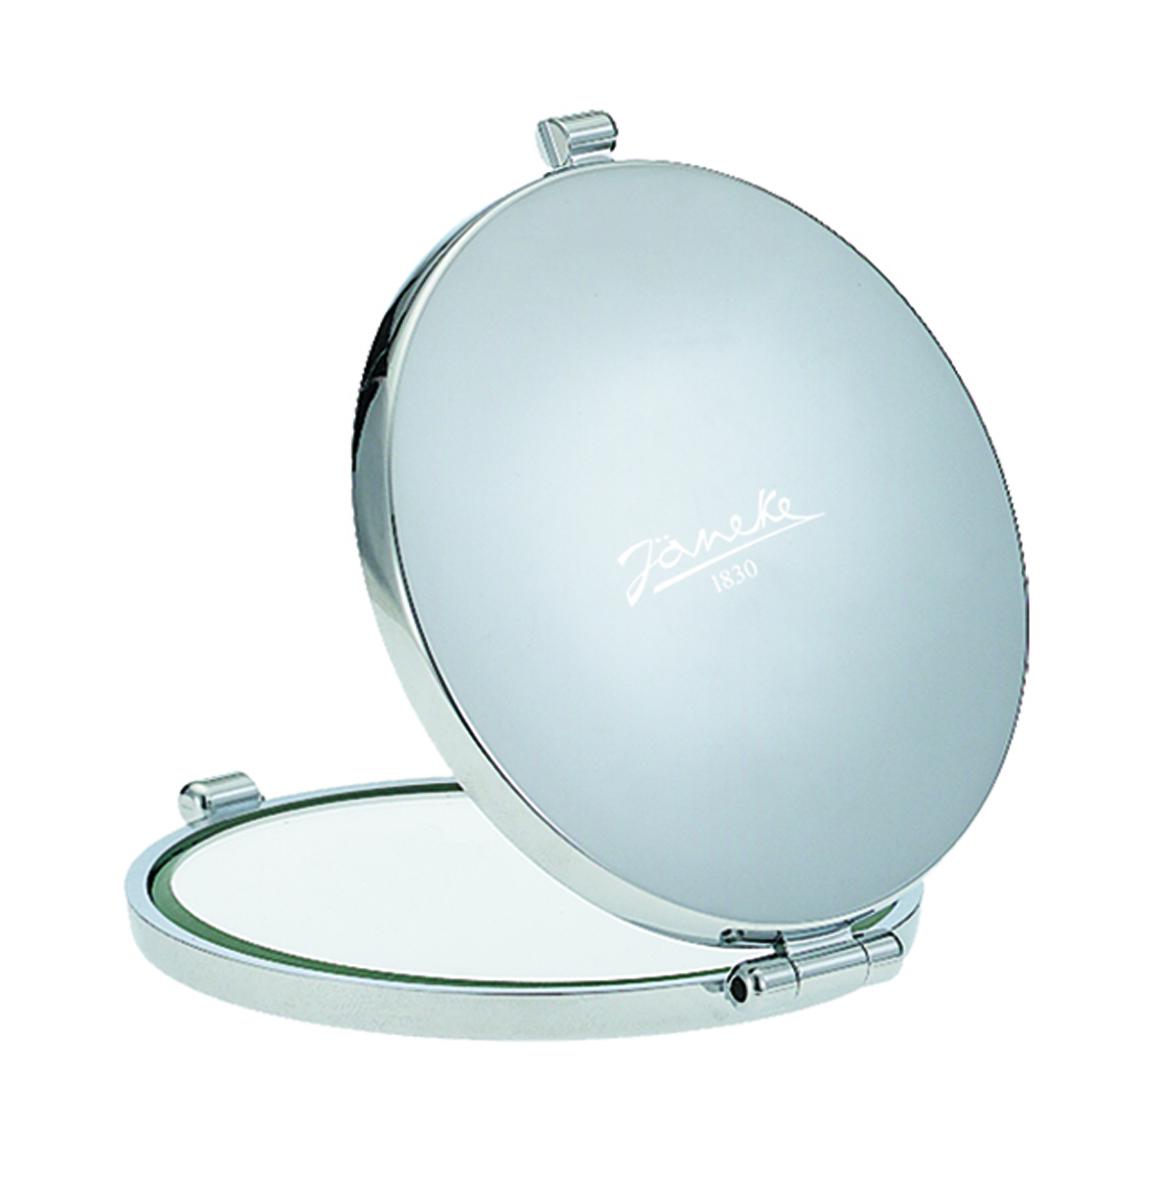 Janeke Зеркало хромированное для сумки D73, CR448. 572937